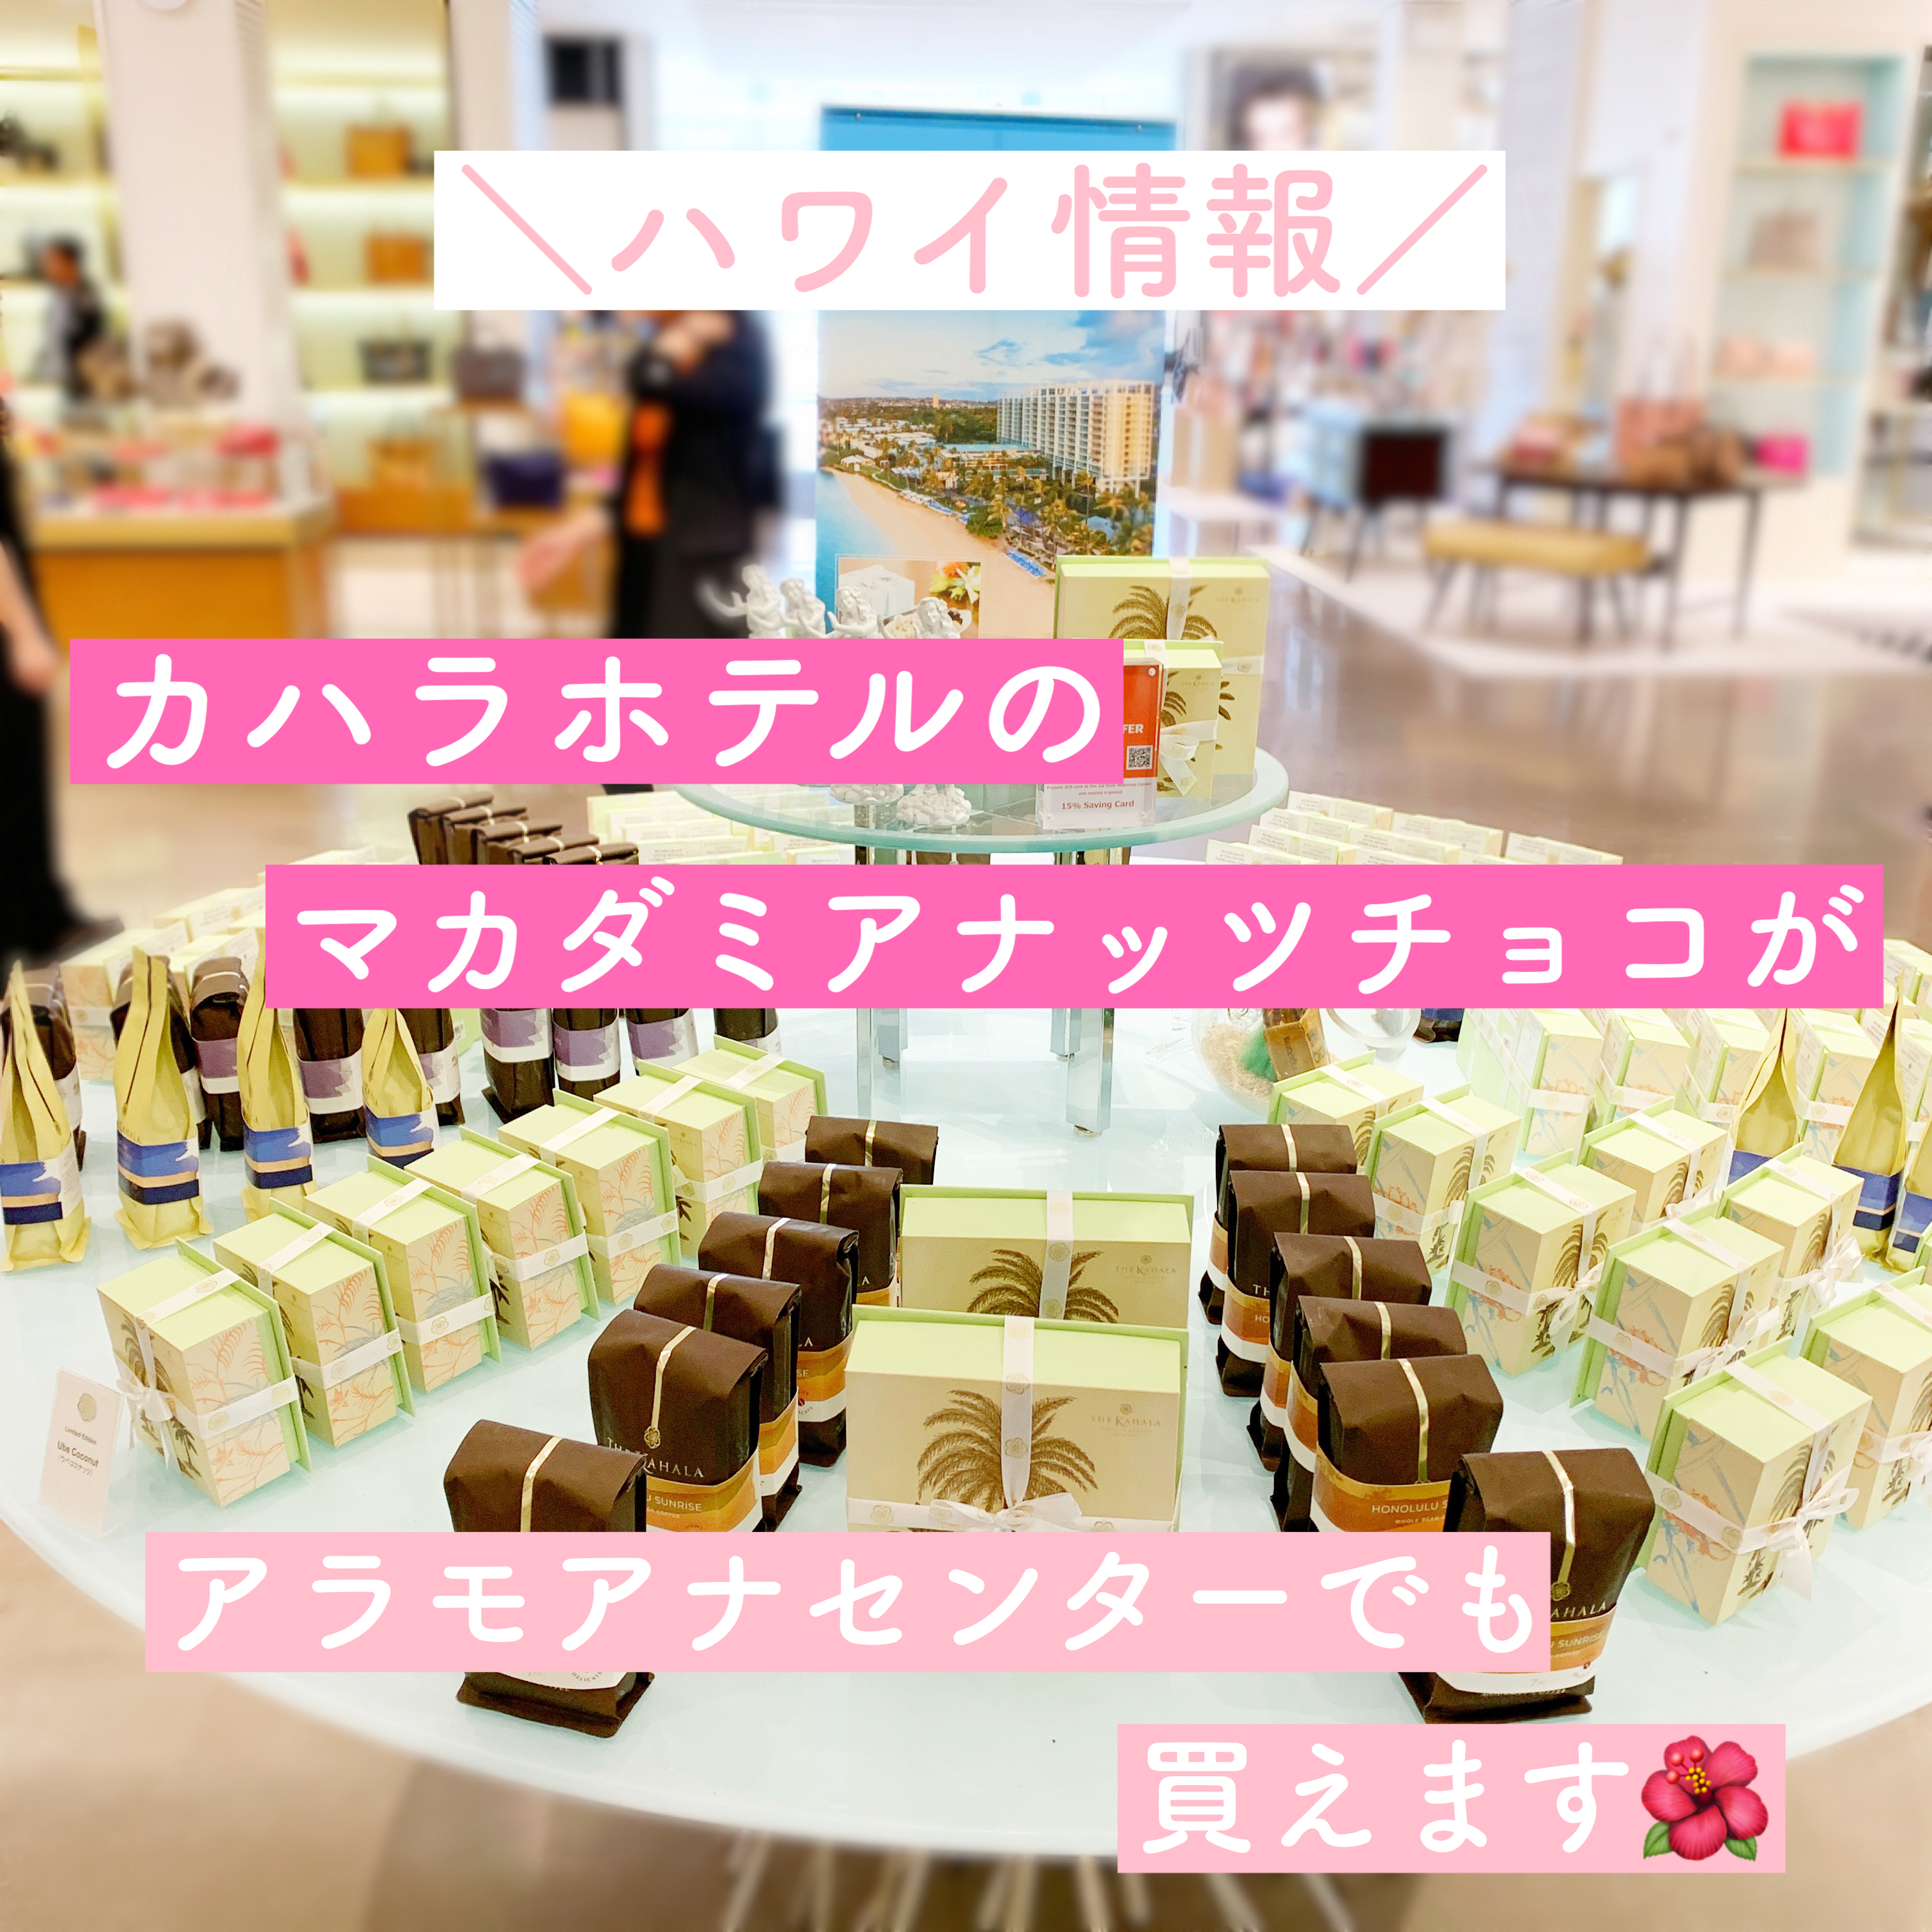 【ハワイ情報】「カハラホテルのマカダミアナッツチョコ」がアラモアナセンターでも買えます